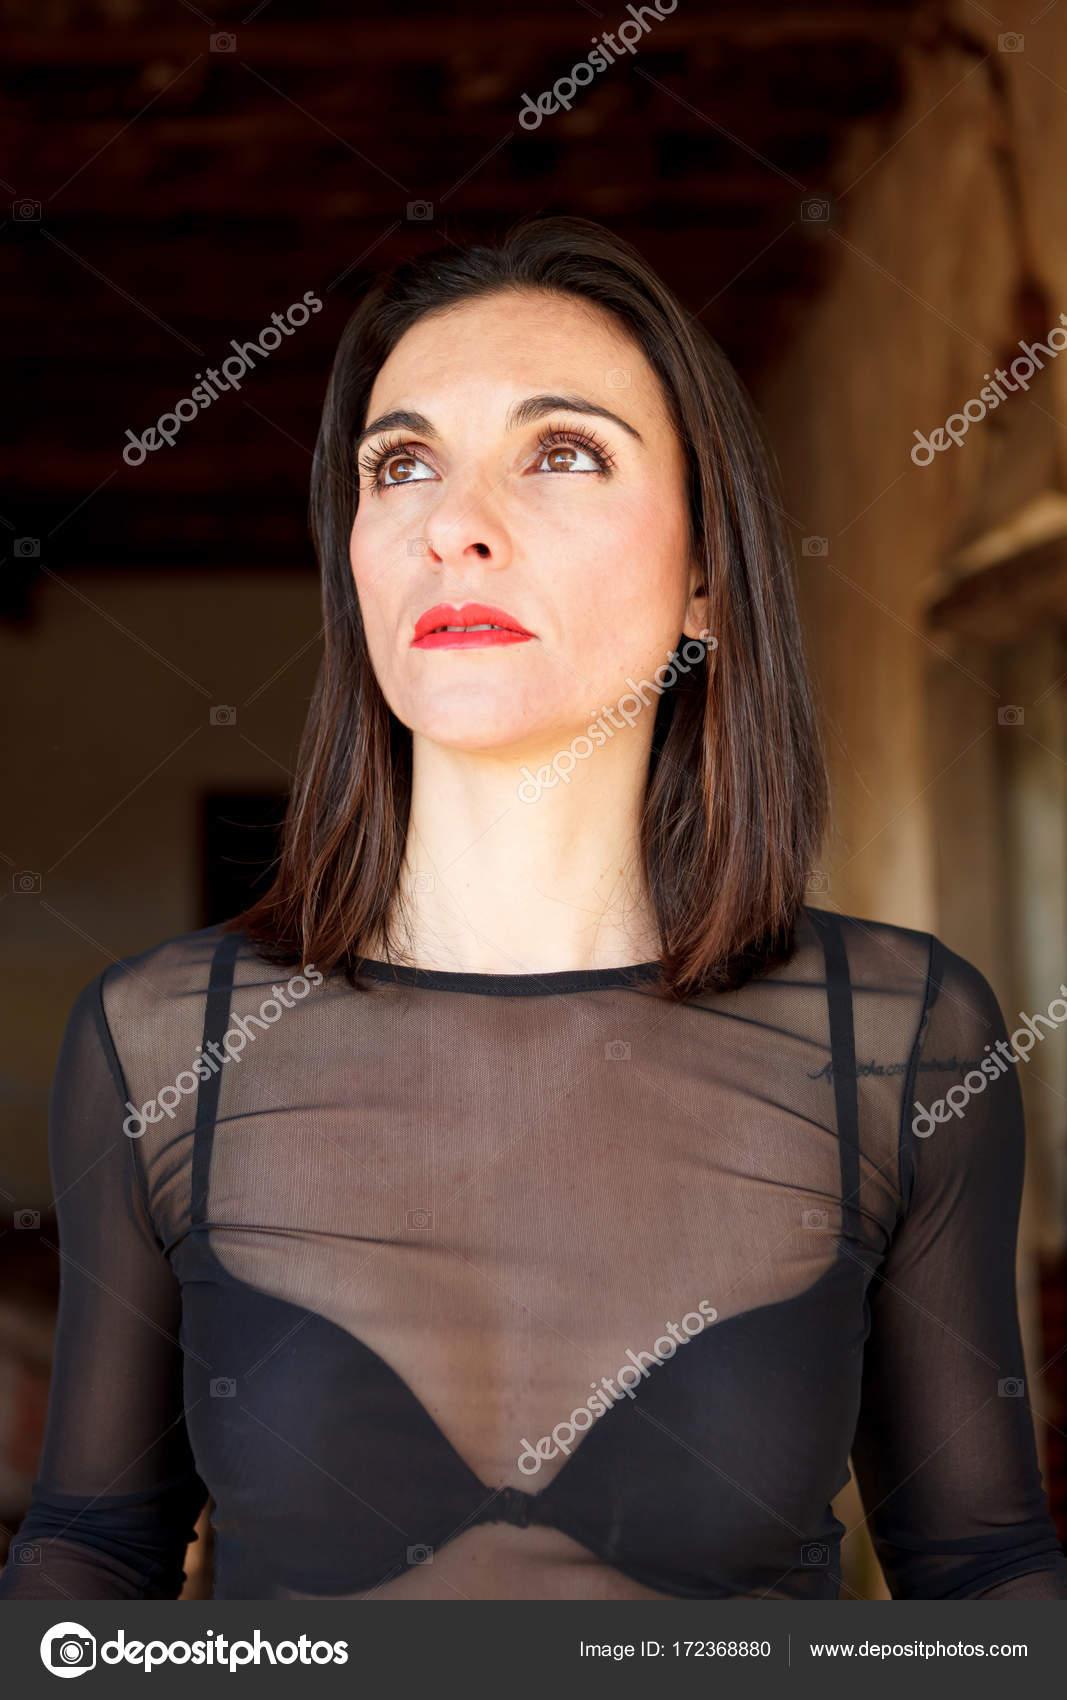 Brunette Reife Frau Mit Roten Lippen Und Dunkle Transparente